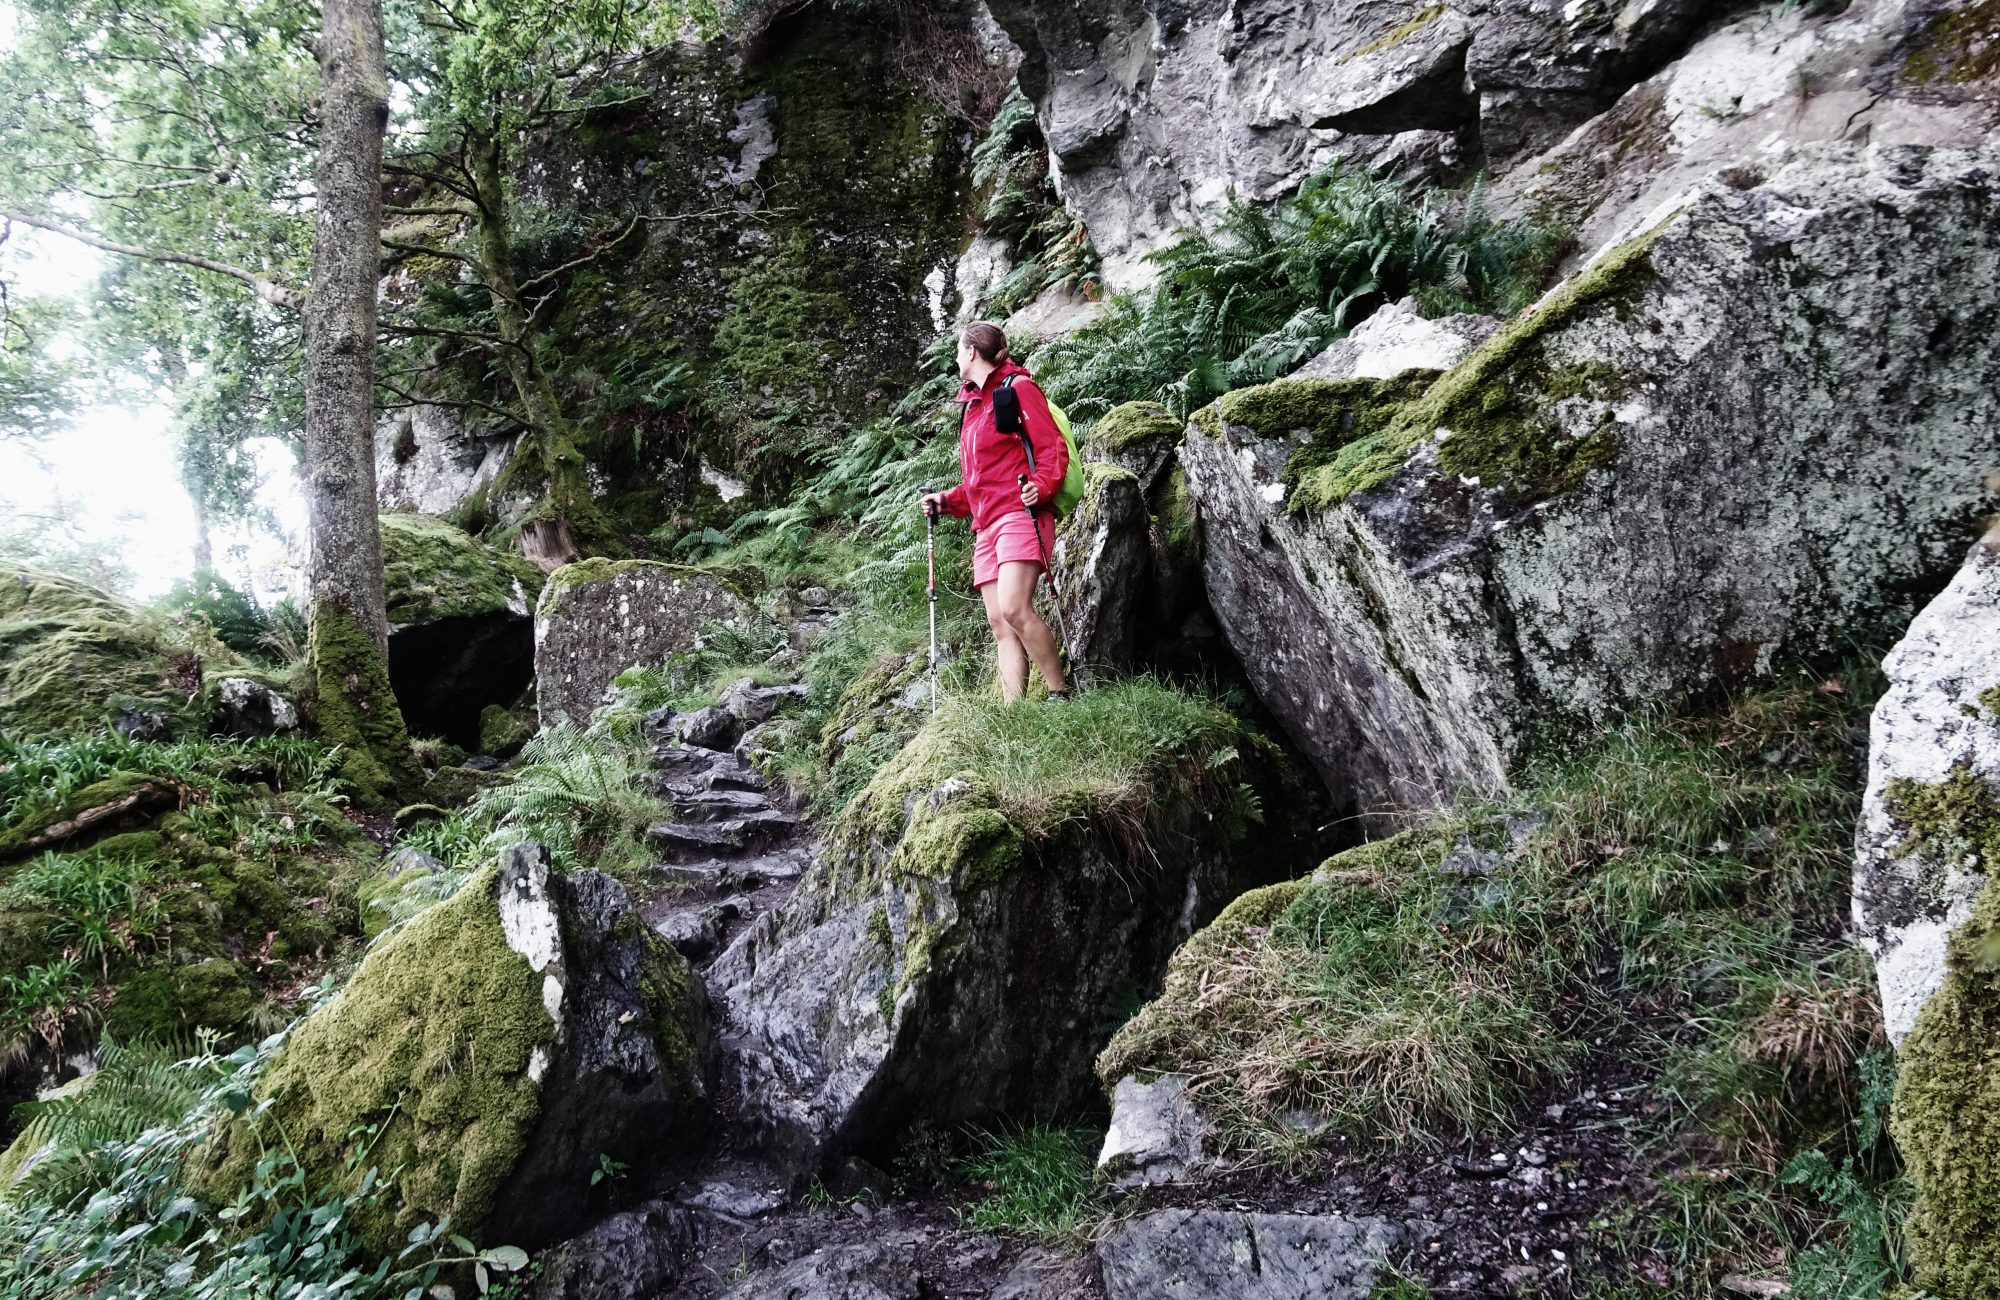 Ausschau halten nach Rob Roys Höhle, West Highland Way, Schottland, Wanderung, Weitwandern, Trekking, Highlands